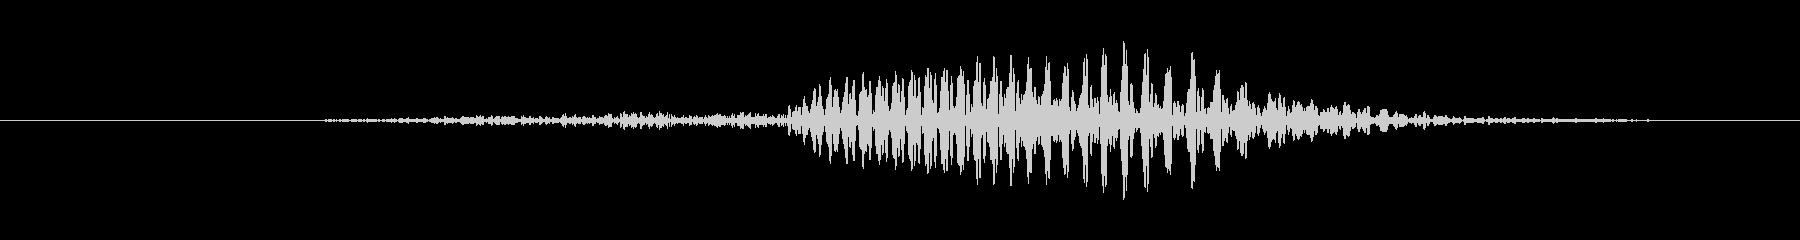 鳴き声 感銘を受けた男性のため息04の未再生の波形